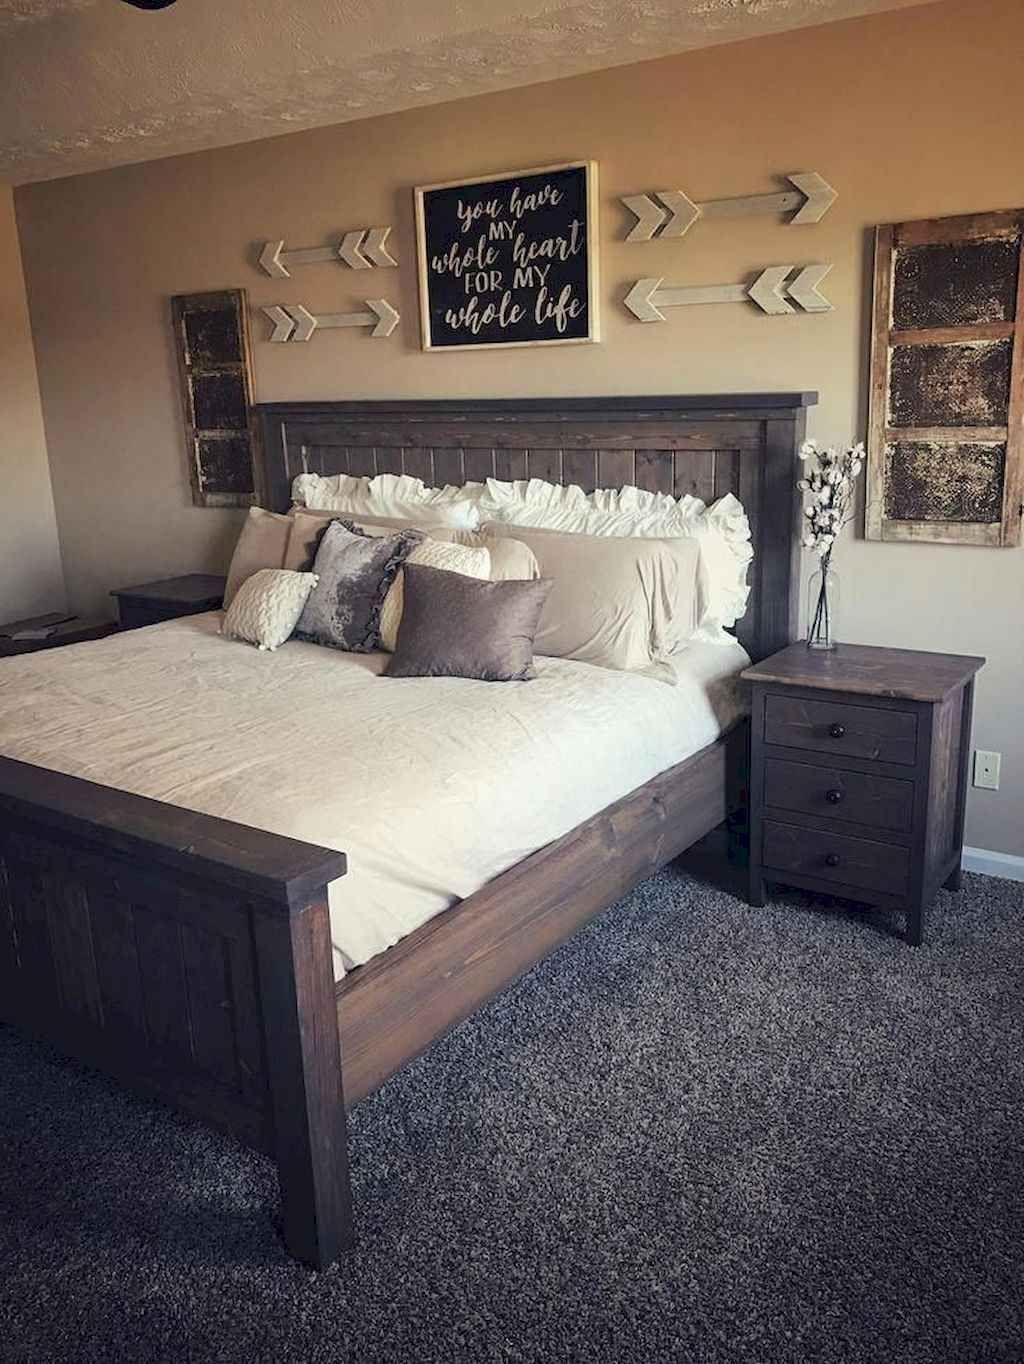 25 Inviting And Cozy Farmhouse Bedroom (The Visual Treats) - A18